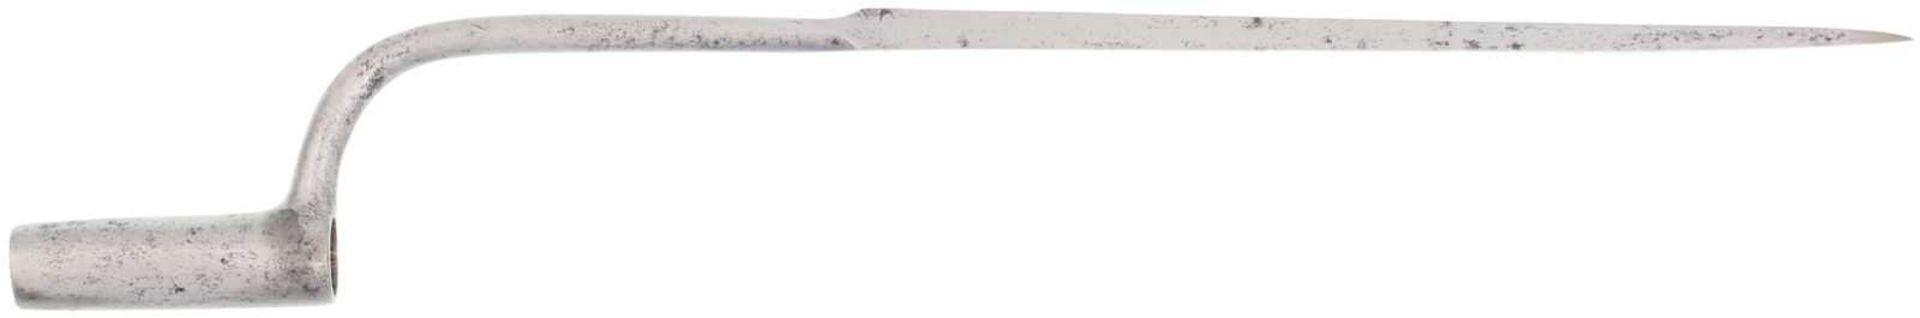 Stichbajonett Bern Infanterie 1804 KL 30cm, TL 52.5cm, volle dreikantige Klinge, runder Ansatz im